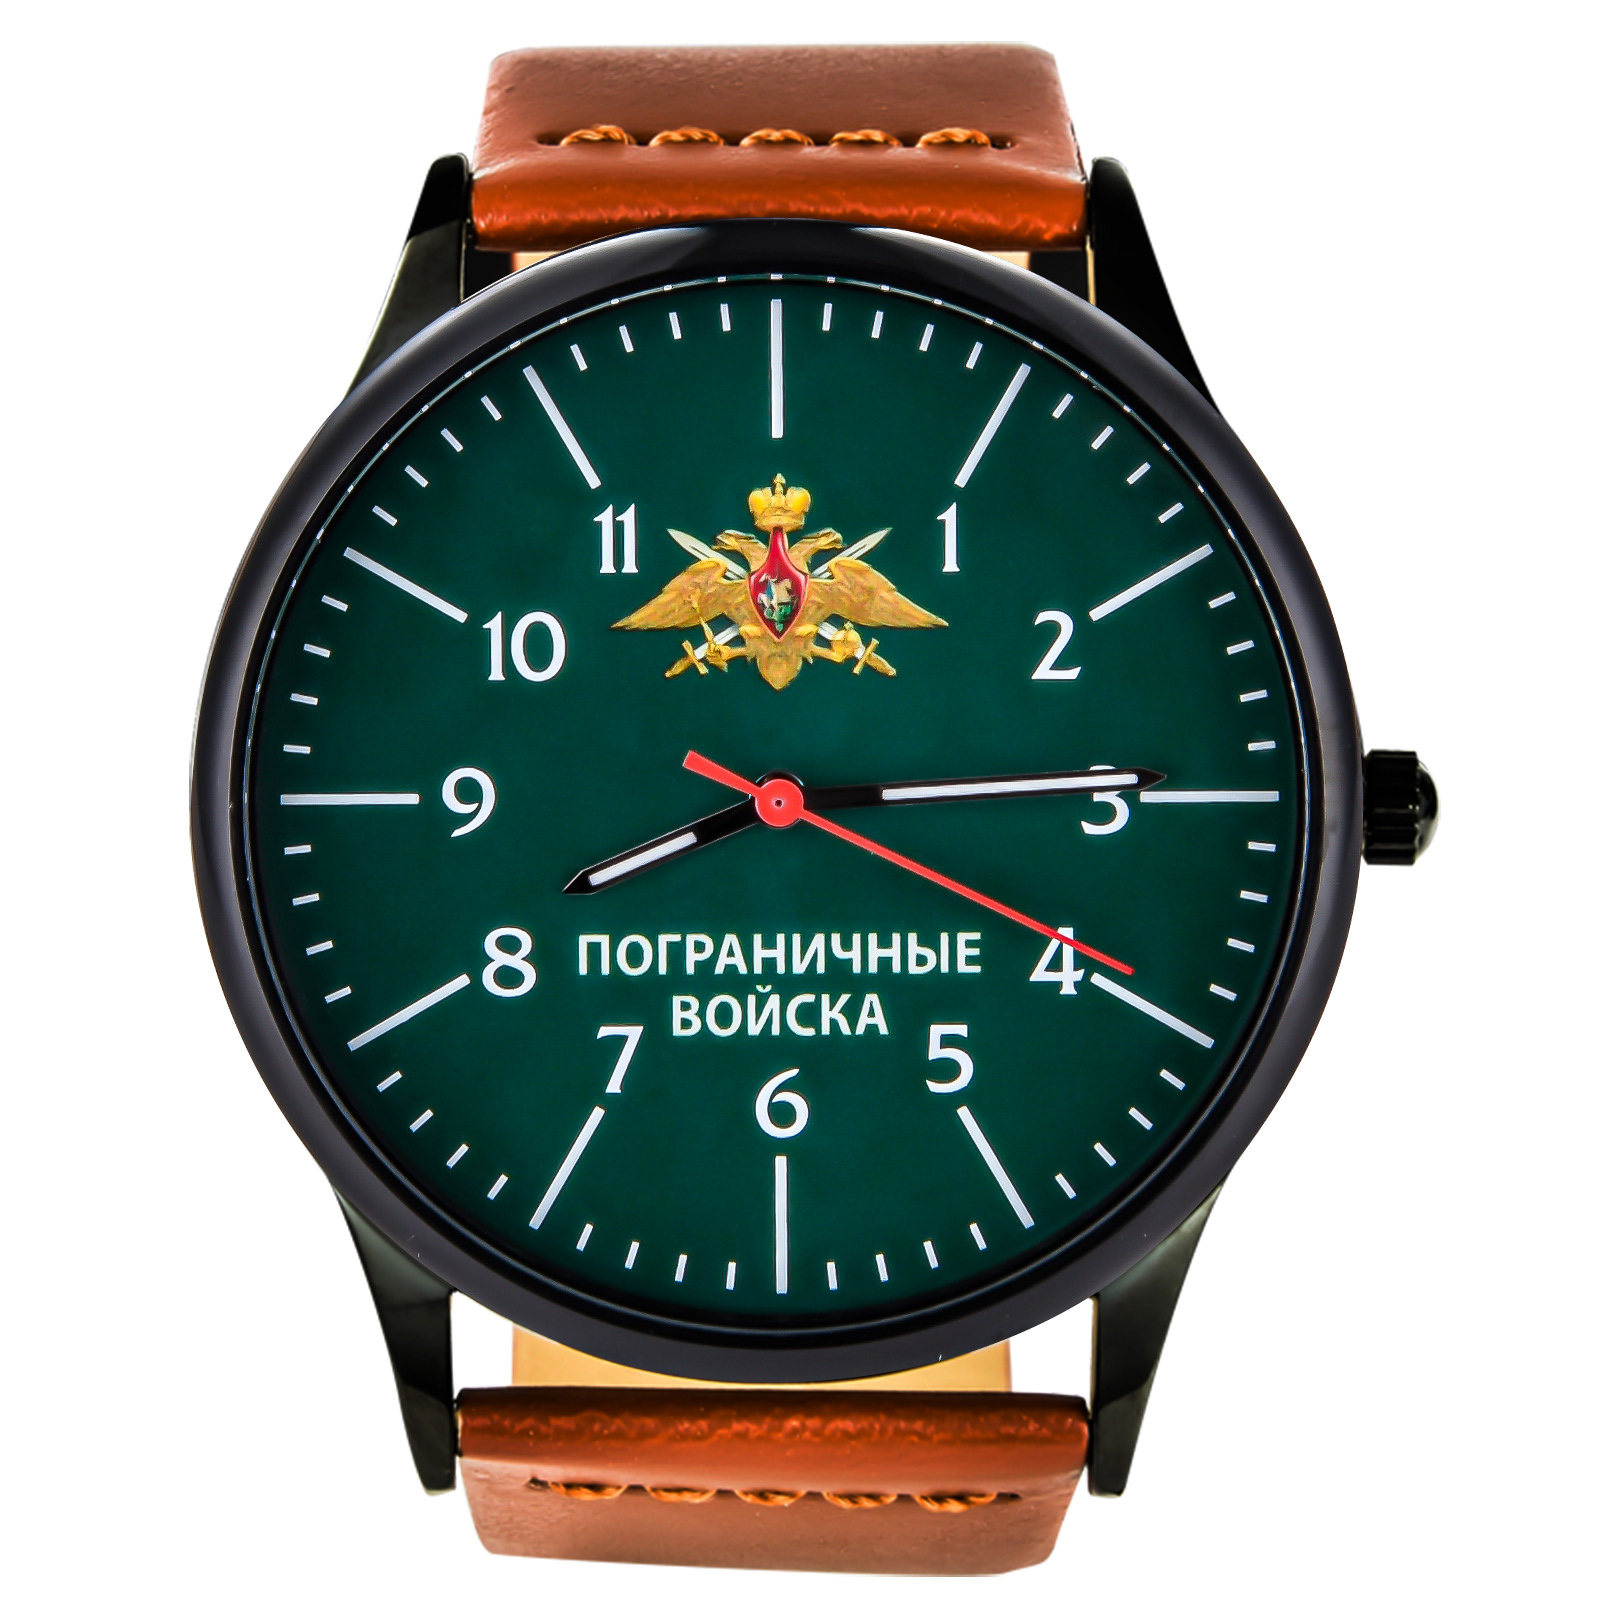 Командирские часы Пограничные войска купить в Военпро